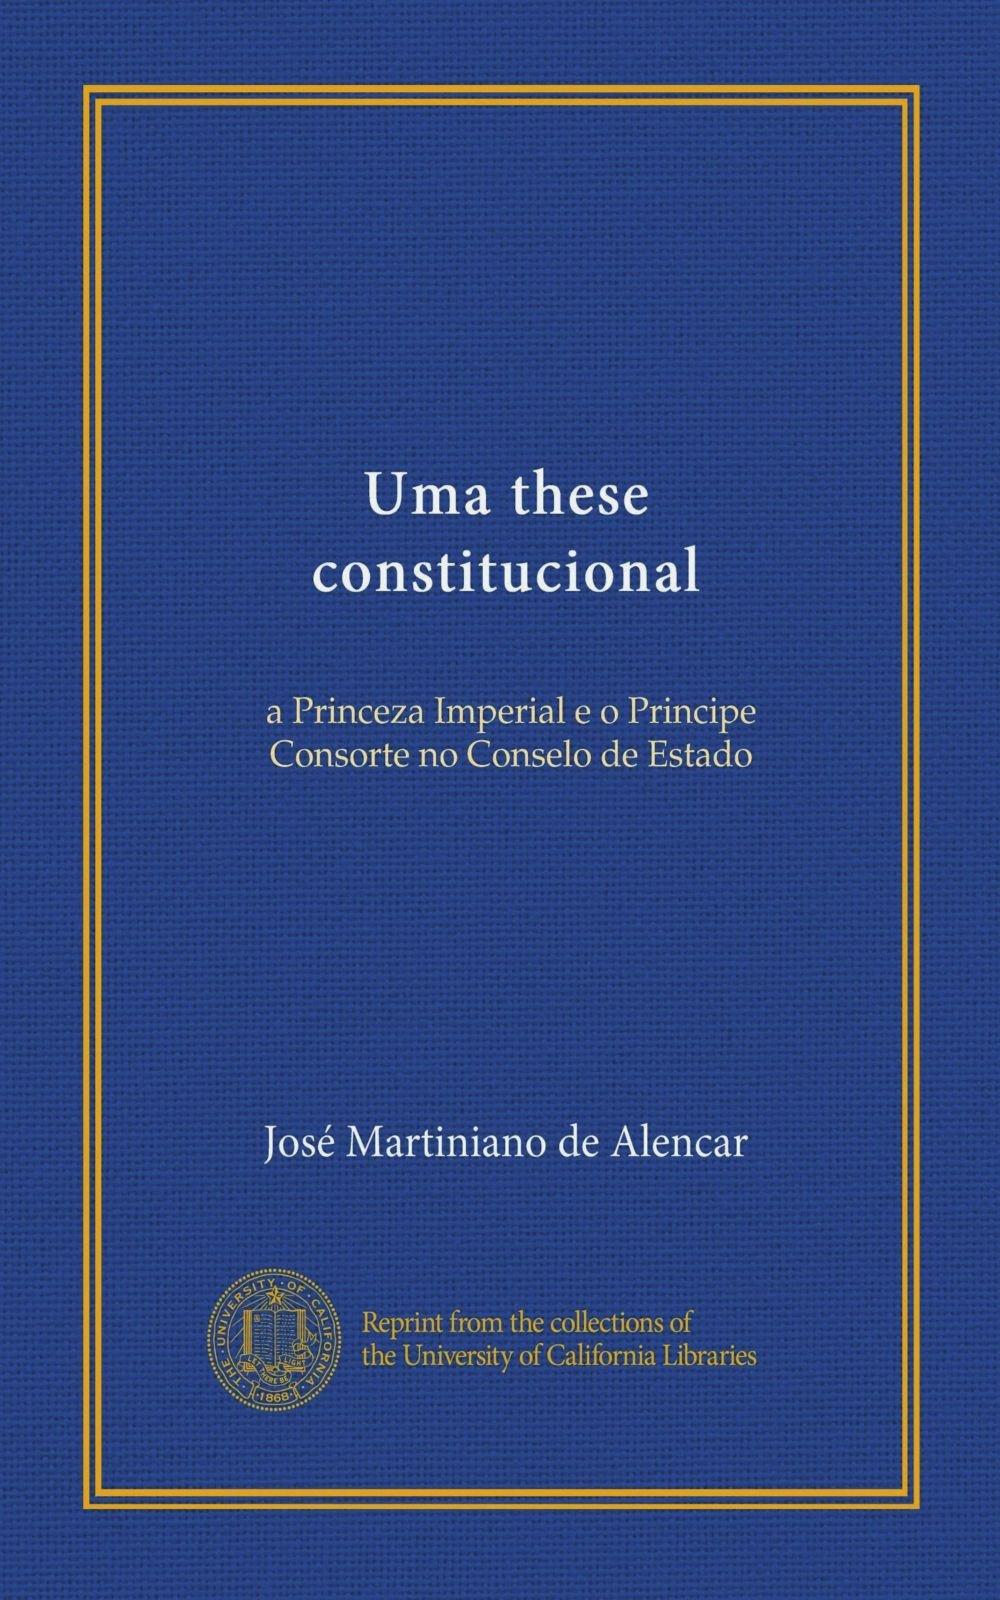 Read Online Uma these constitucional (Vol-1): a Princeza Imperial e o Principe Consorte no Conselo de Estado (Portuguese Edition) PDF